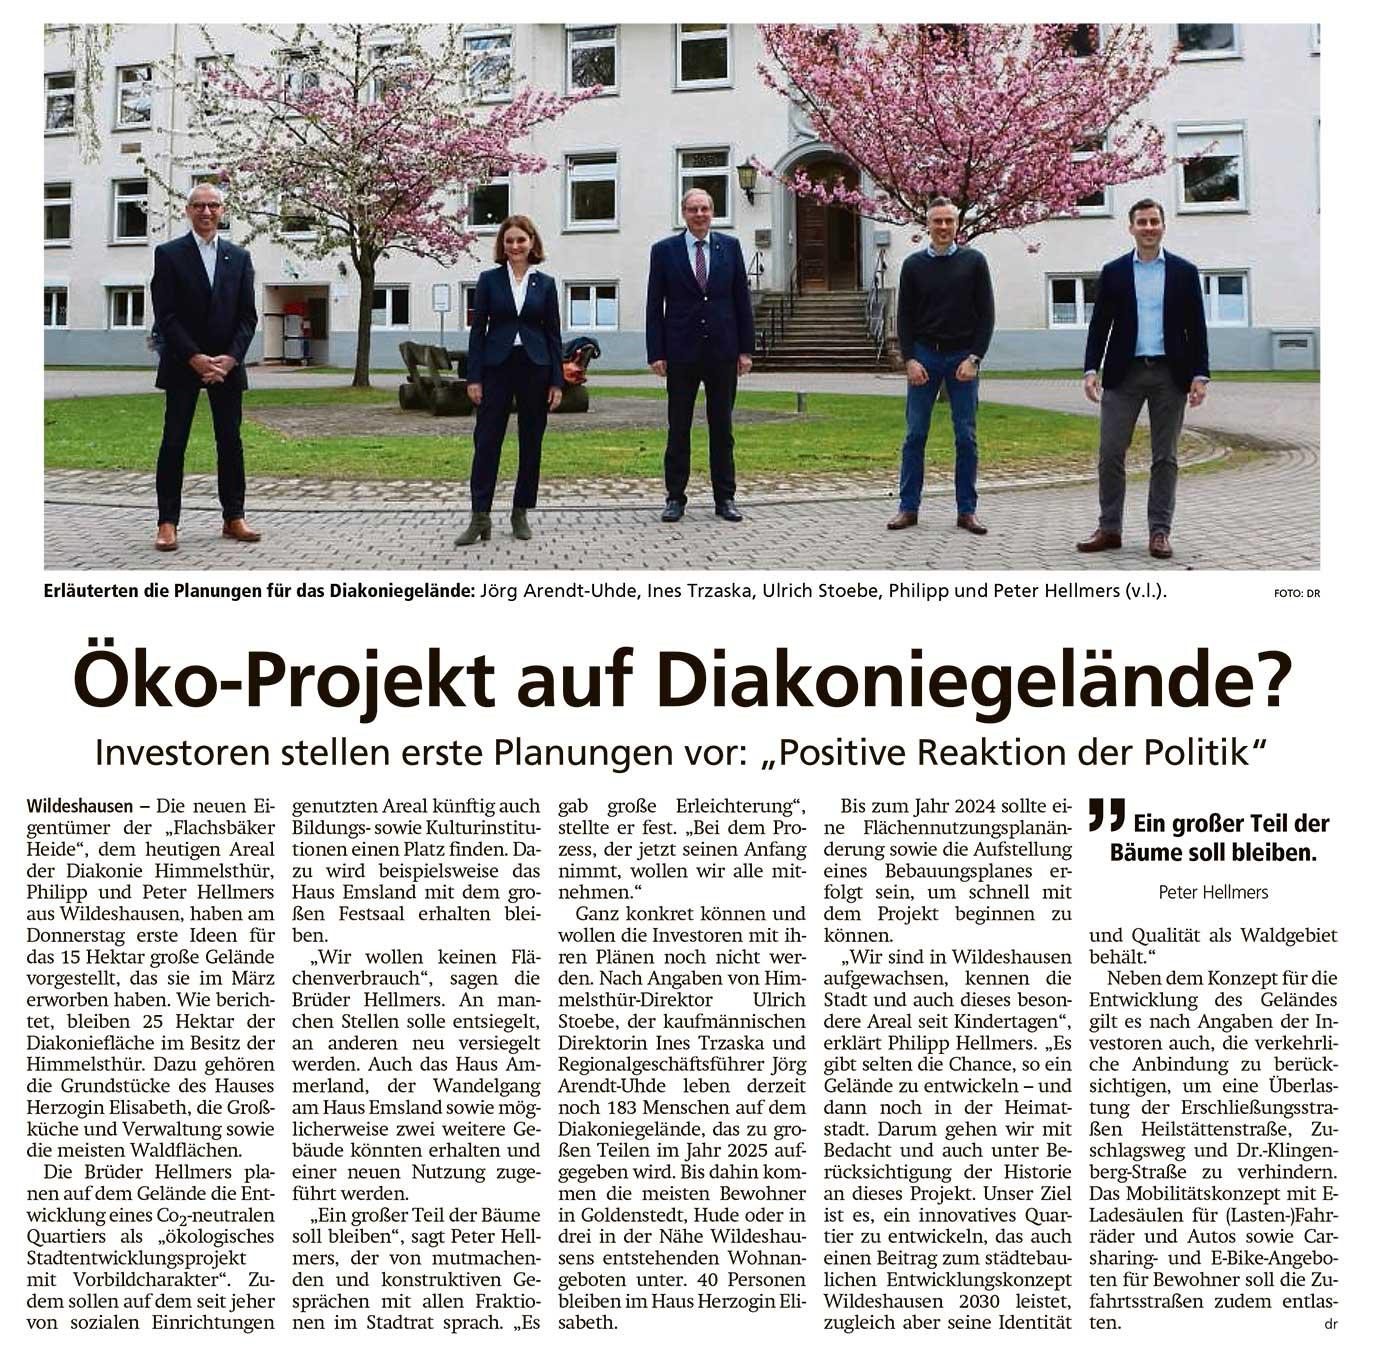 Öko-Projekt auf Diakoniegelände?Investoren stellen erste Planungen vor: 'Positive Reaktion der Politik'Artikel vom 07.05.2021 (WZ)